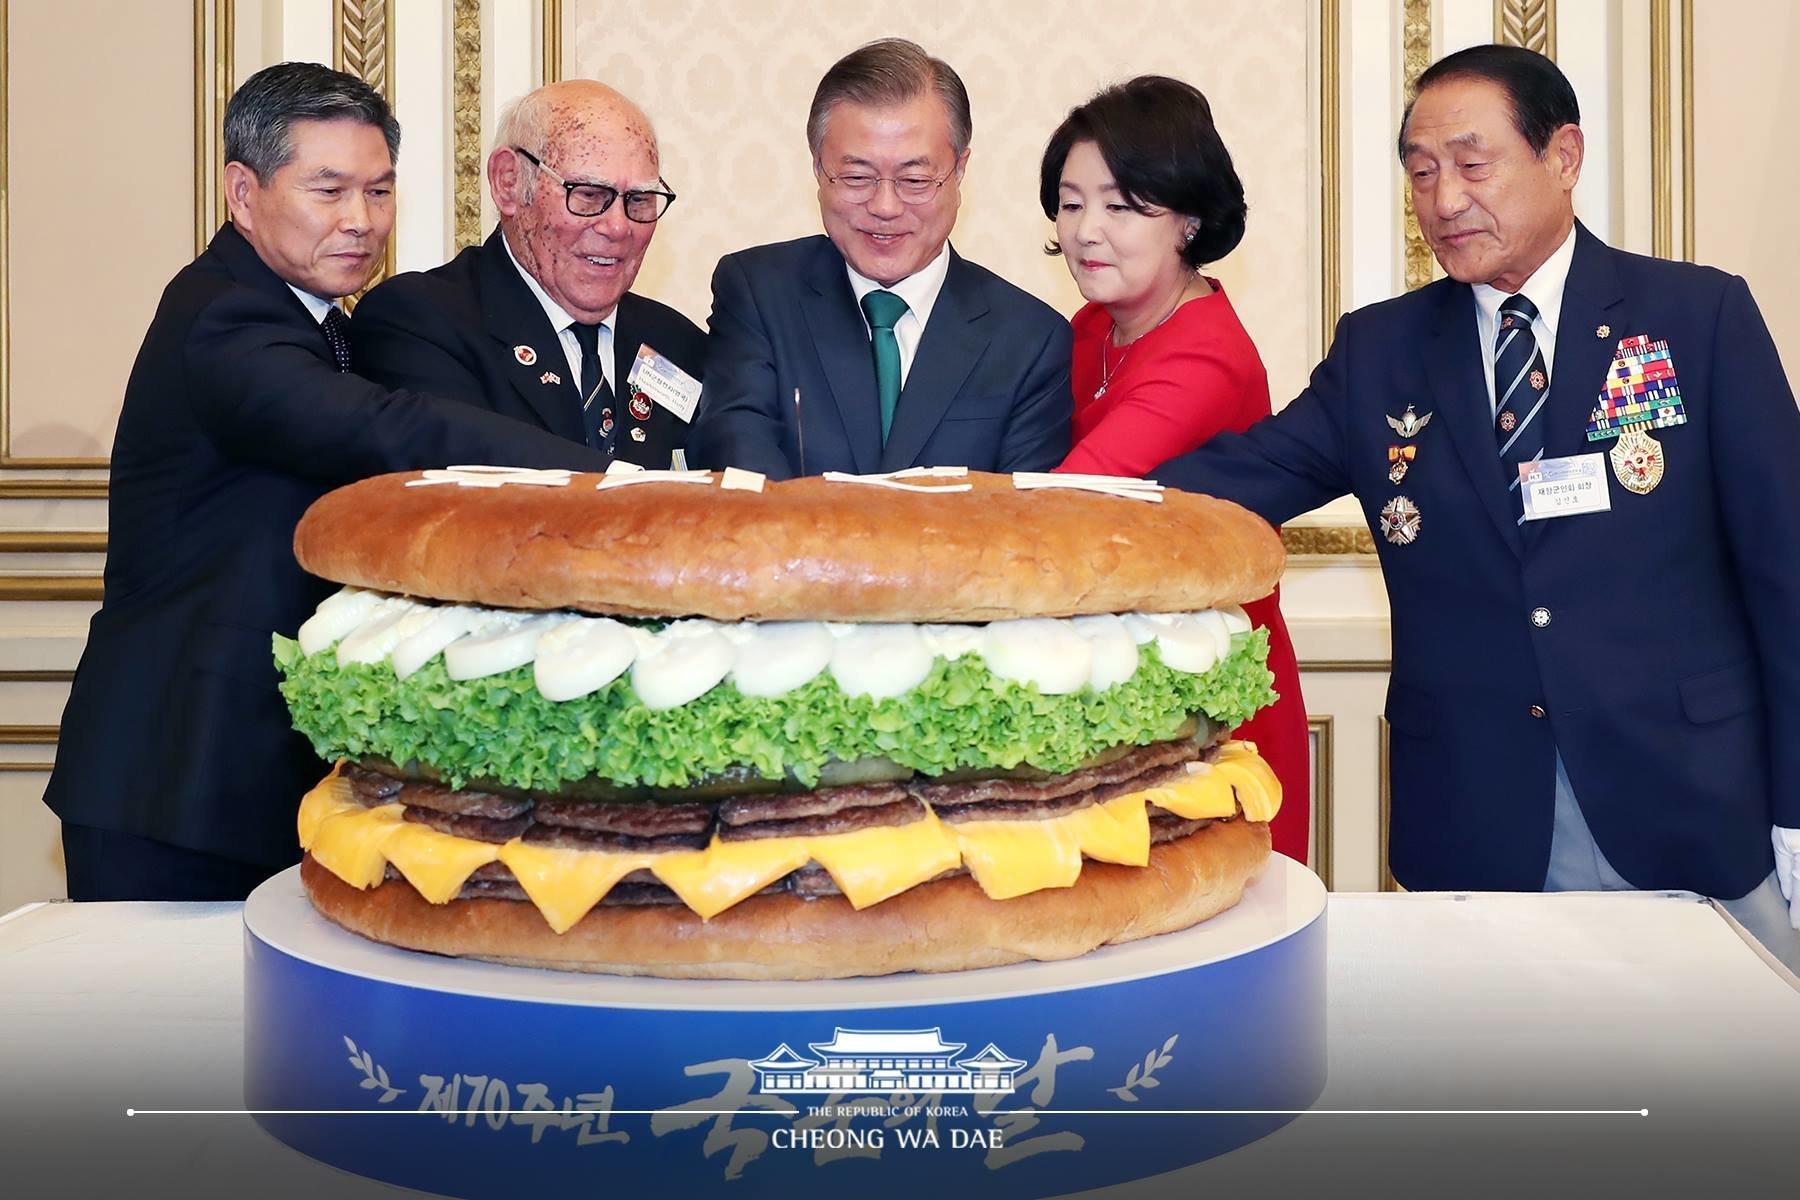 국군의날 청와대 축하행사에 등장한 대형 햄버거와 초코파이의